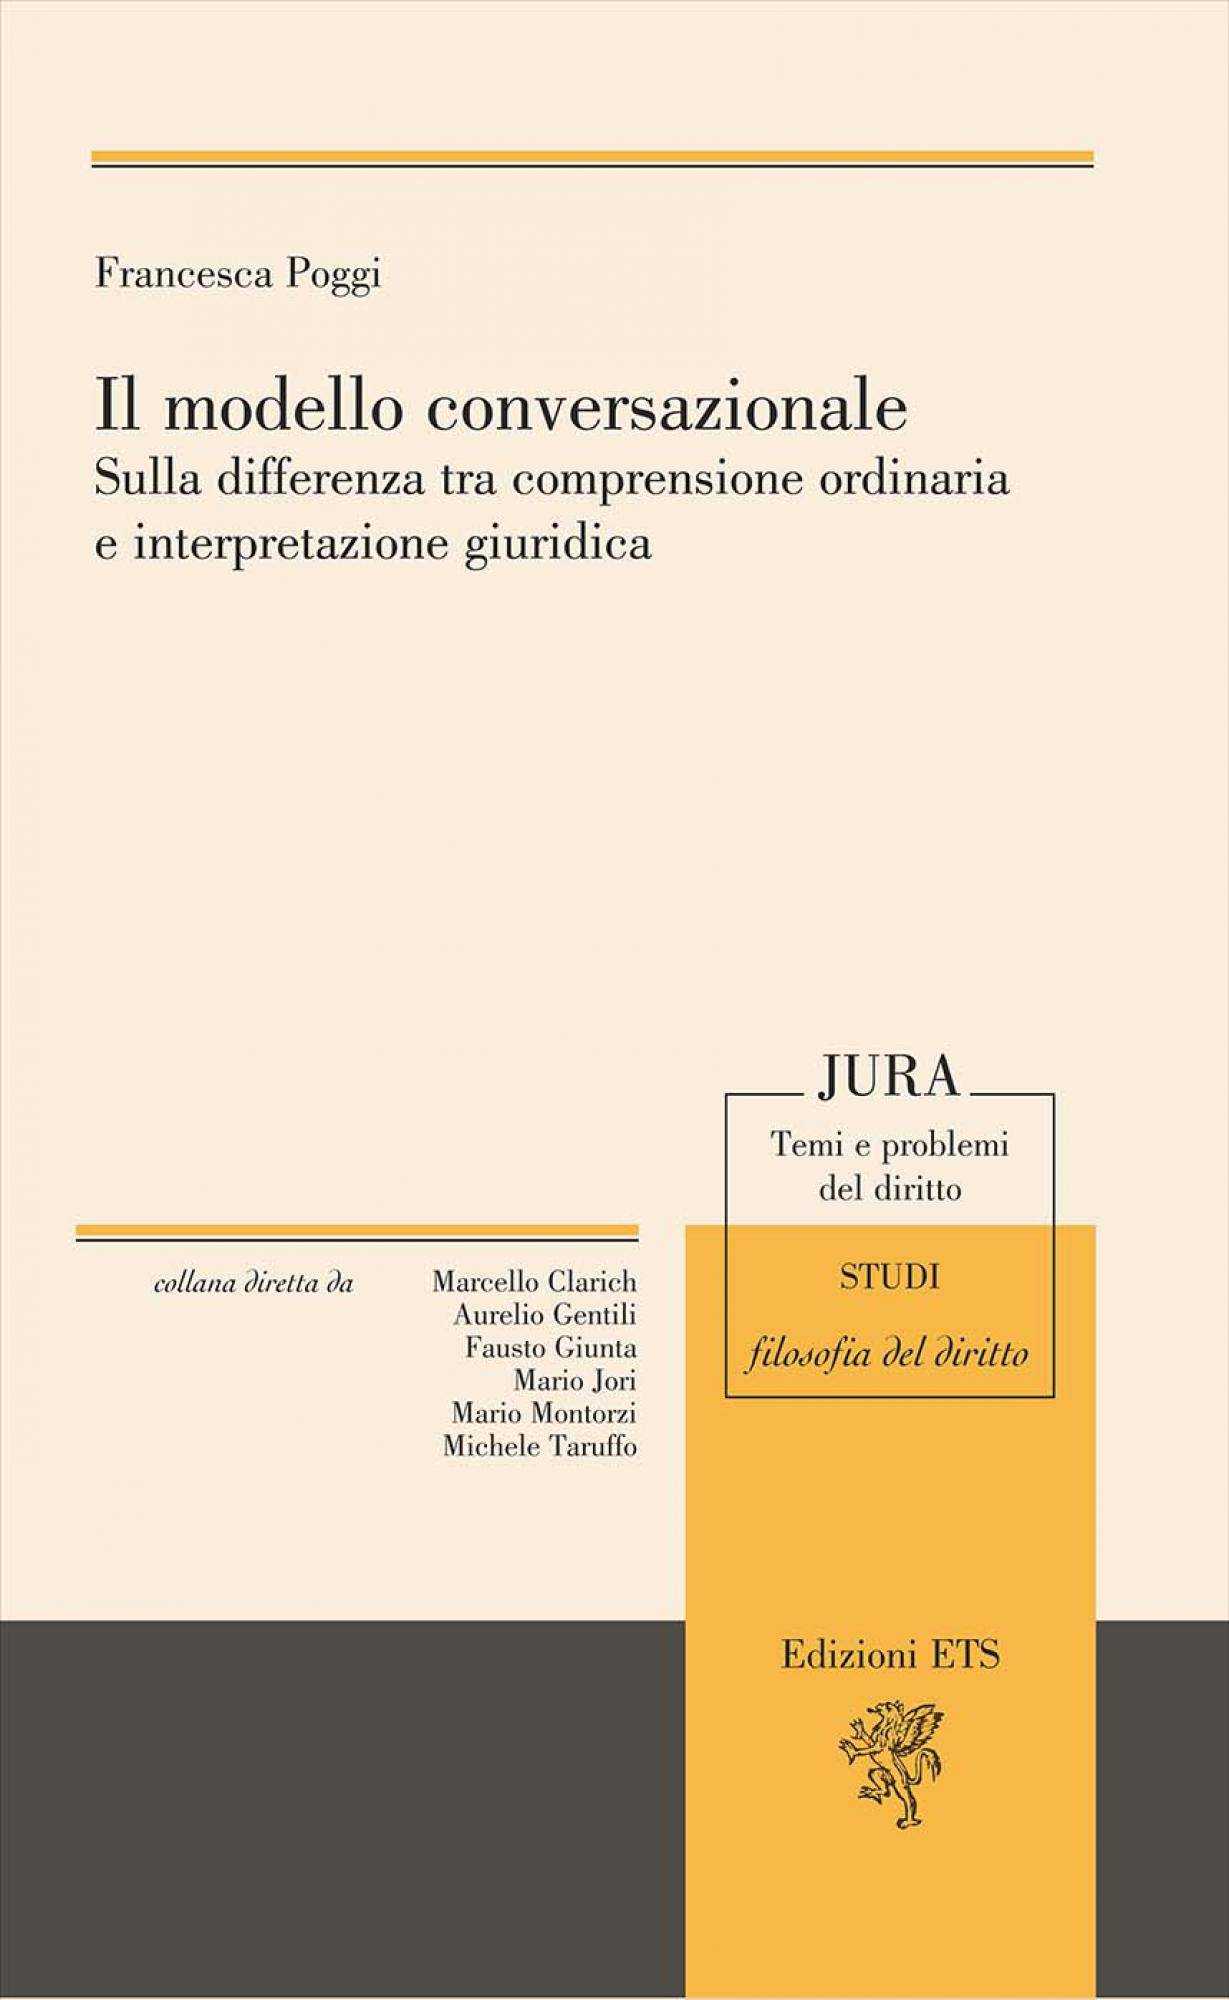 Il modello conversazionale.Sulla differenza tra comprensione ordinaria e interpretazione giuridica